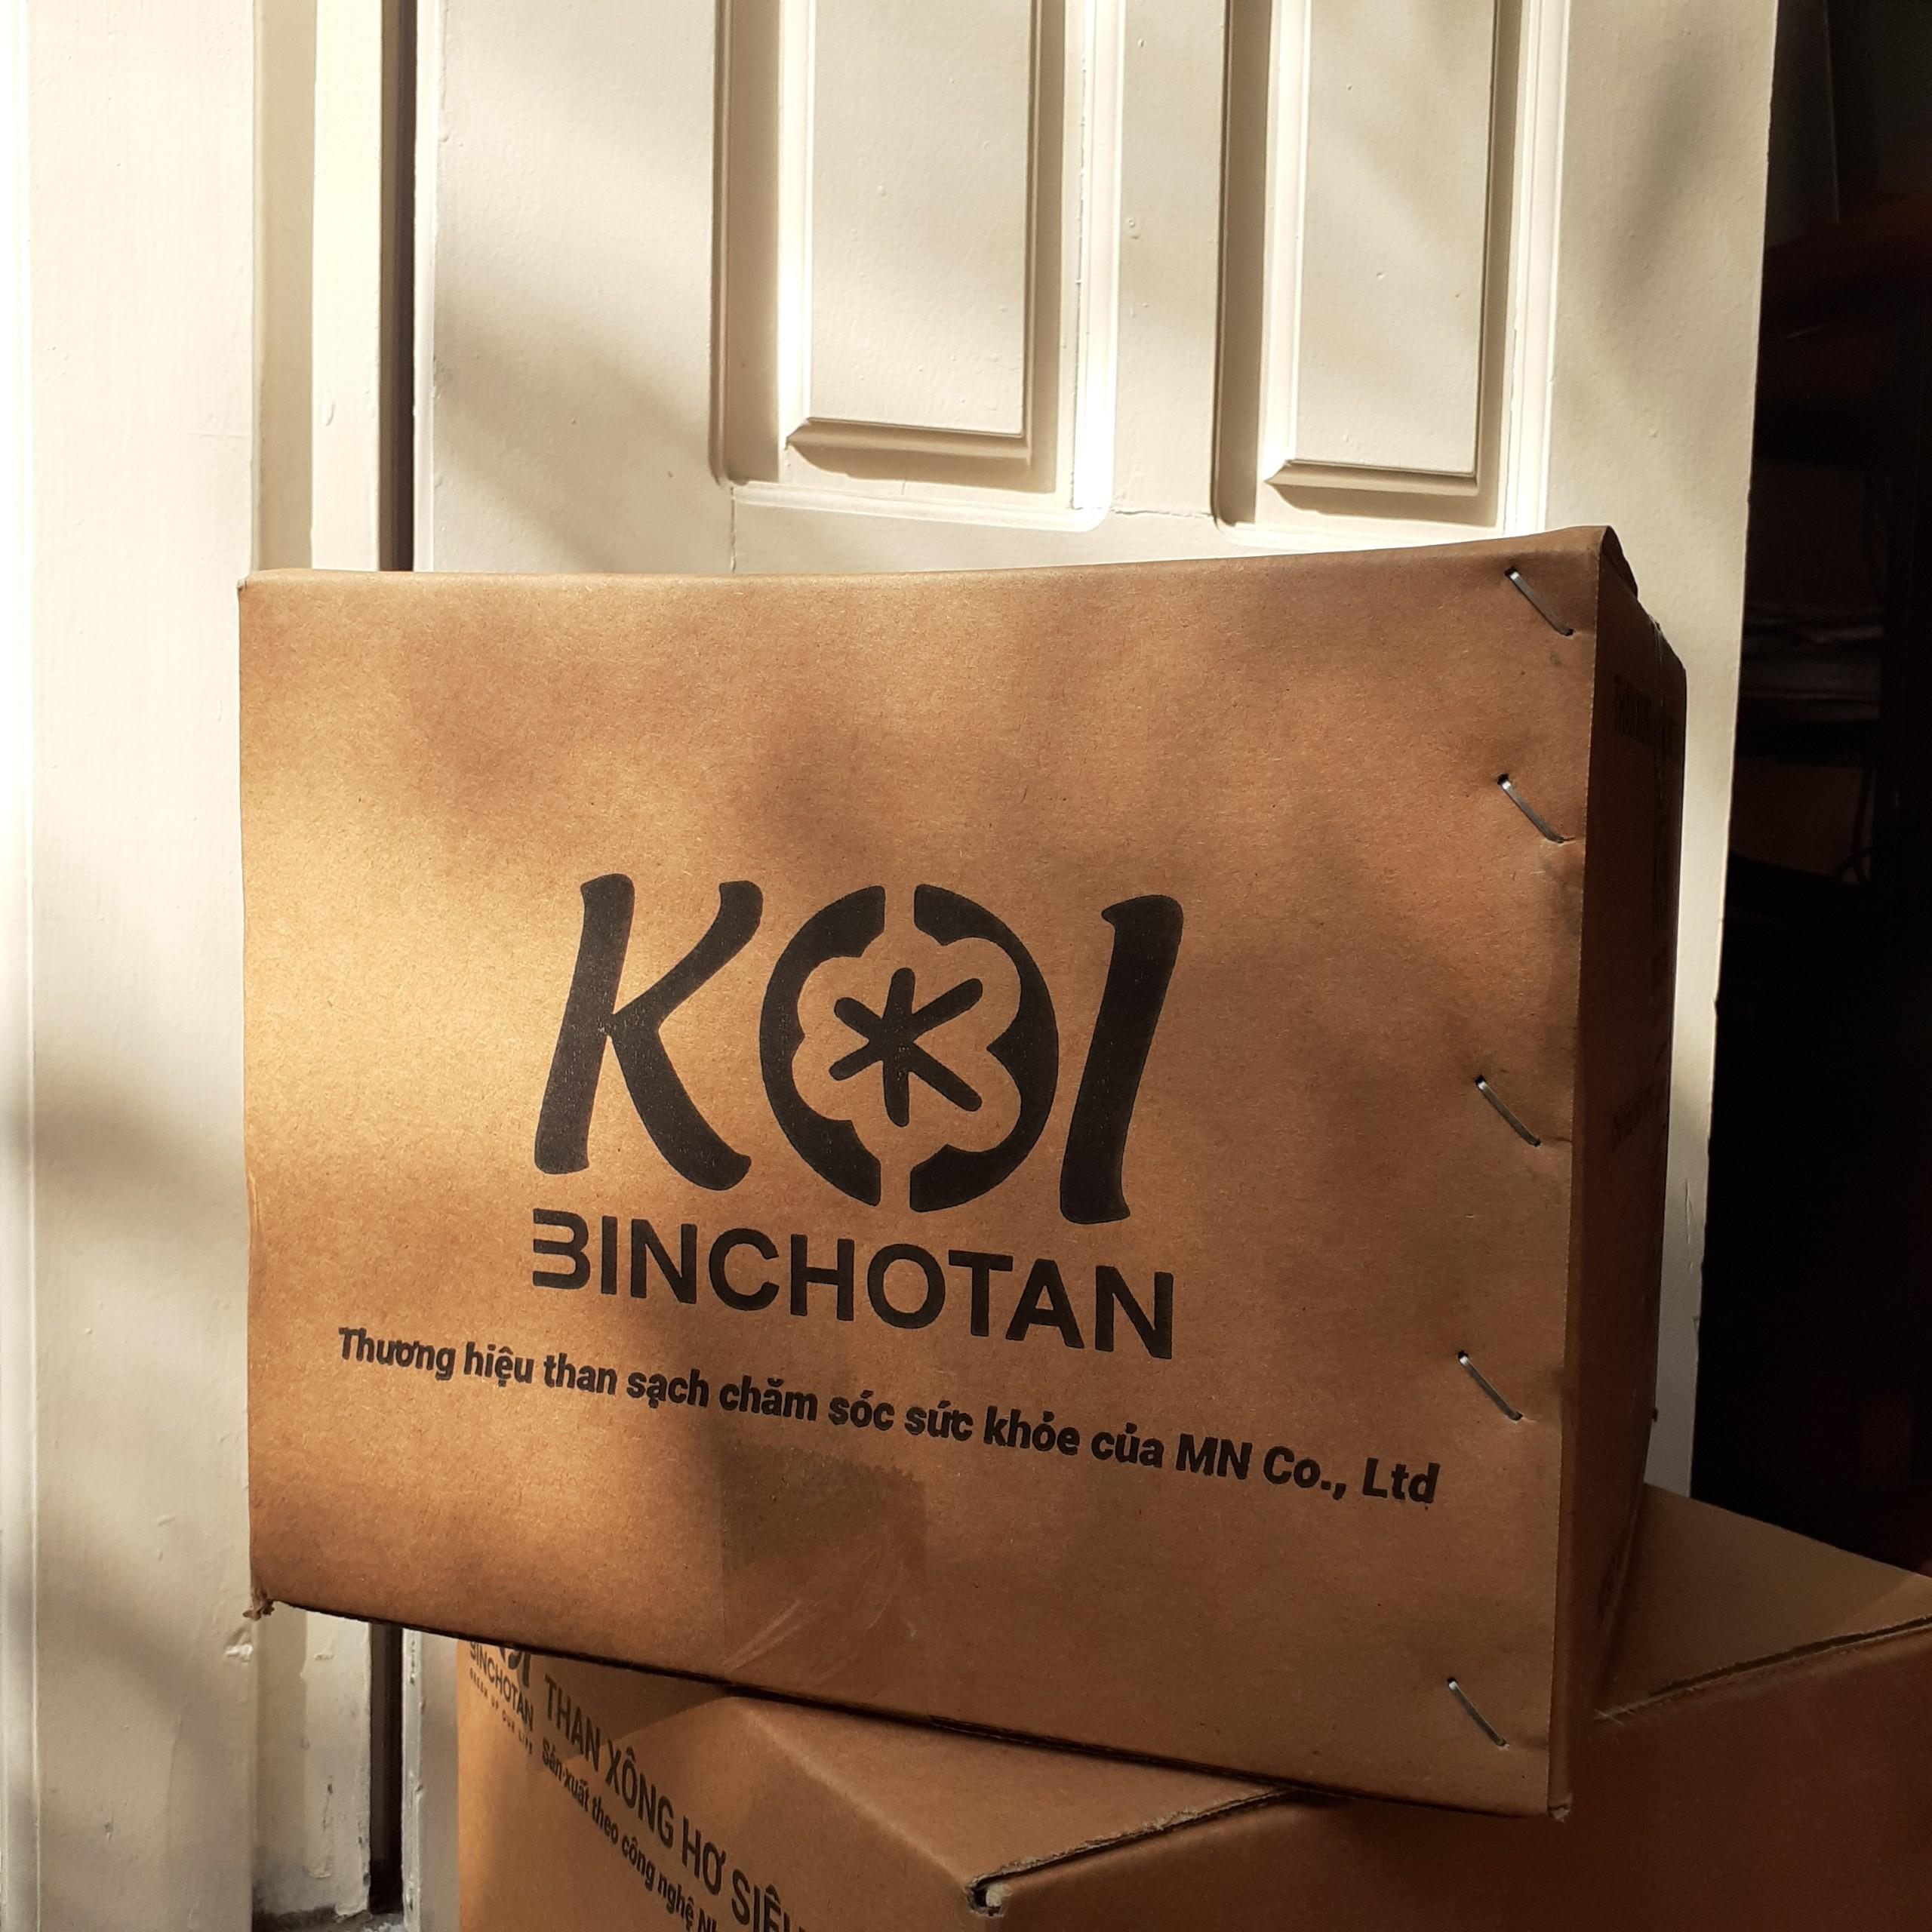 [5kg] Than xông hơ cho mẹ sau sinh cao cấp, KHÔNG KHÓI KHÔNG ĐỘC xông hơi an toàn cho mẹ và bé, tiêu chuẩn Nhật Bản JIS, KOI Binchotan